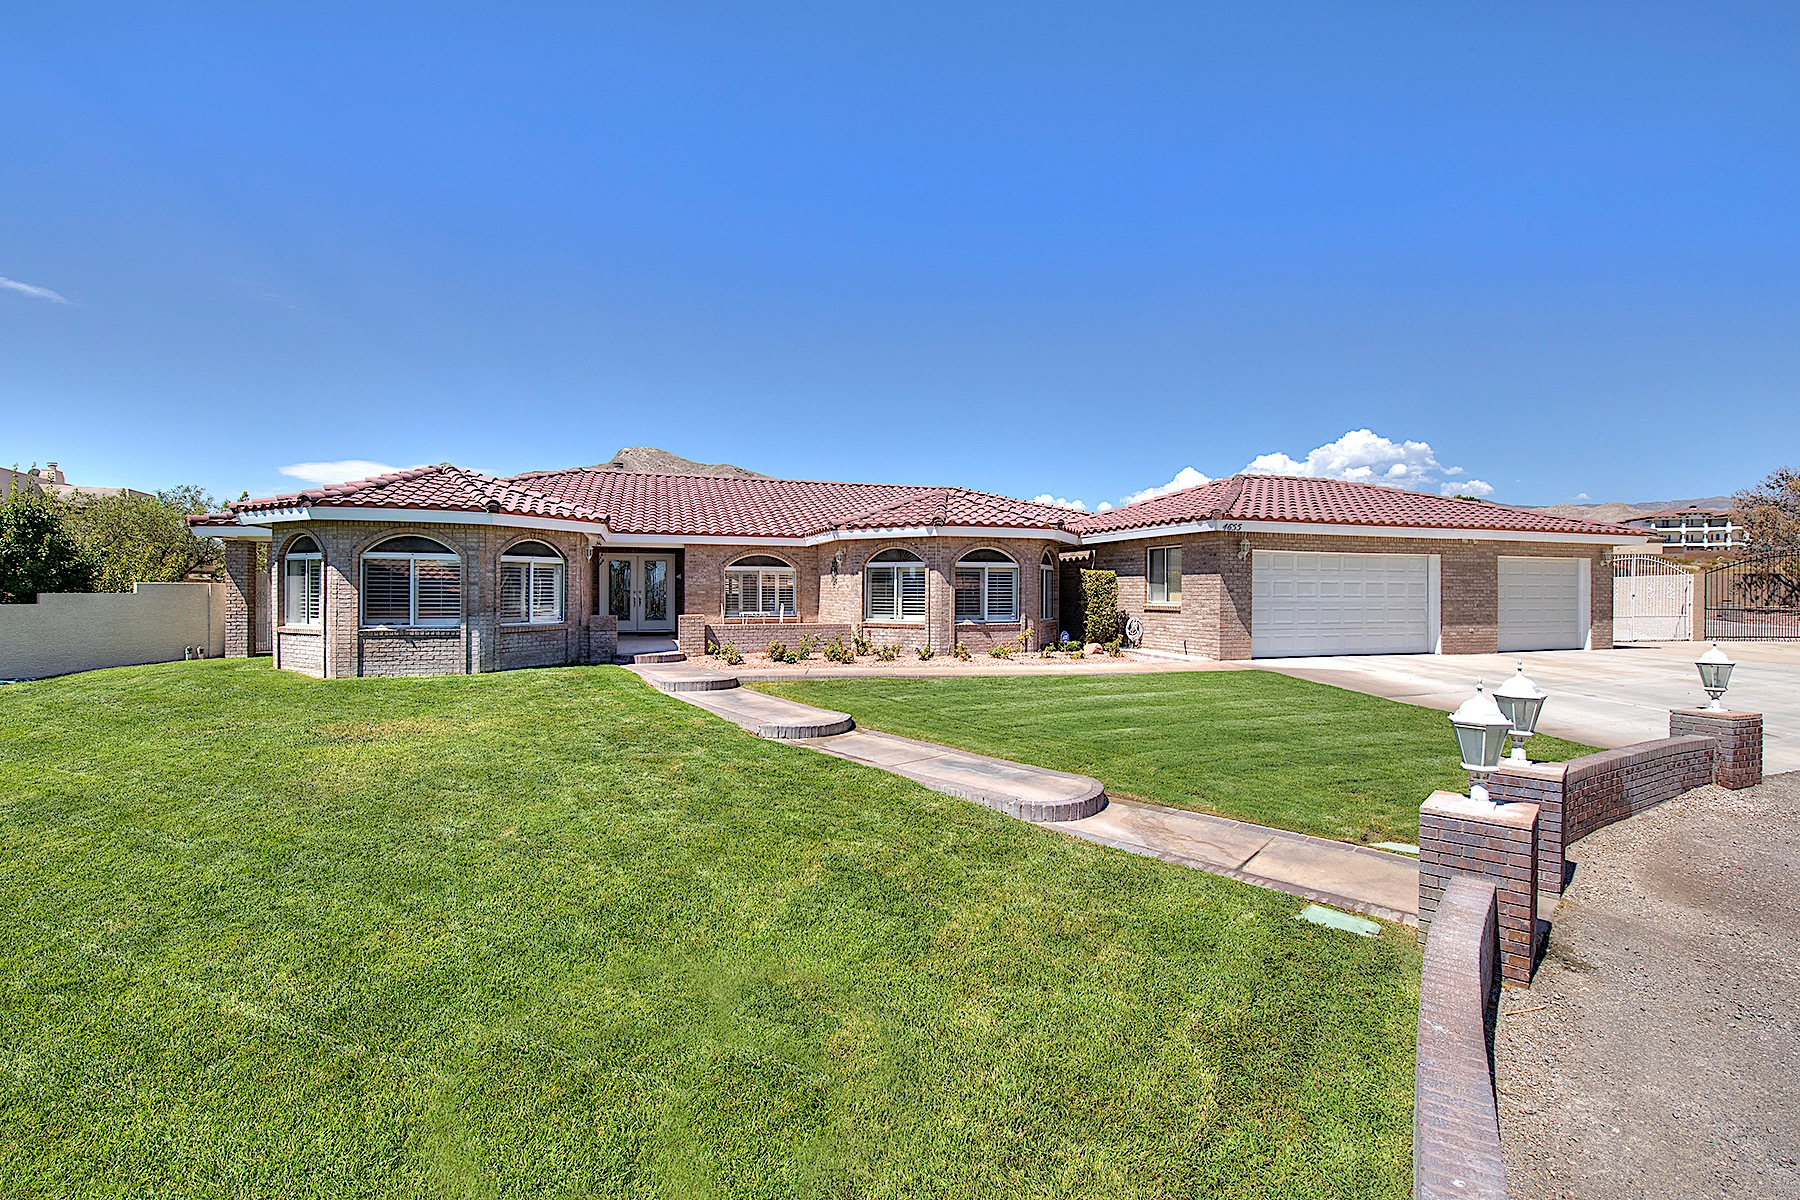 Casa Unifamiliar por un Venta en 4655 N Tee Pee Ln Las Vegas, Nevada, 89129 Estados Unidos